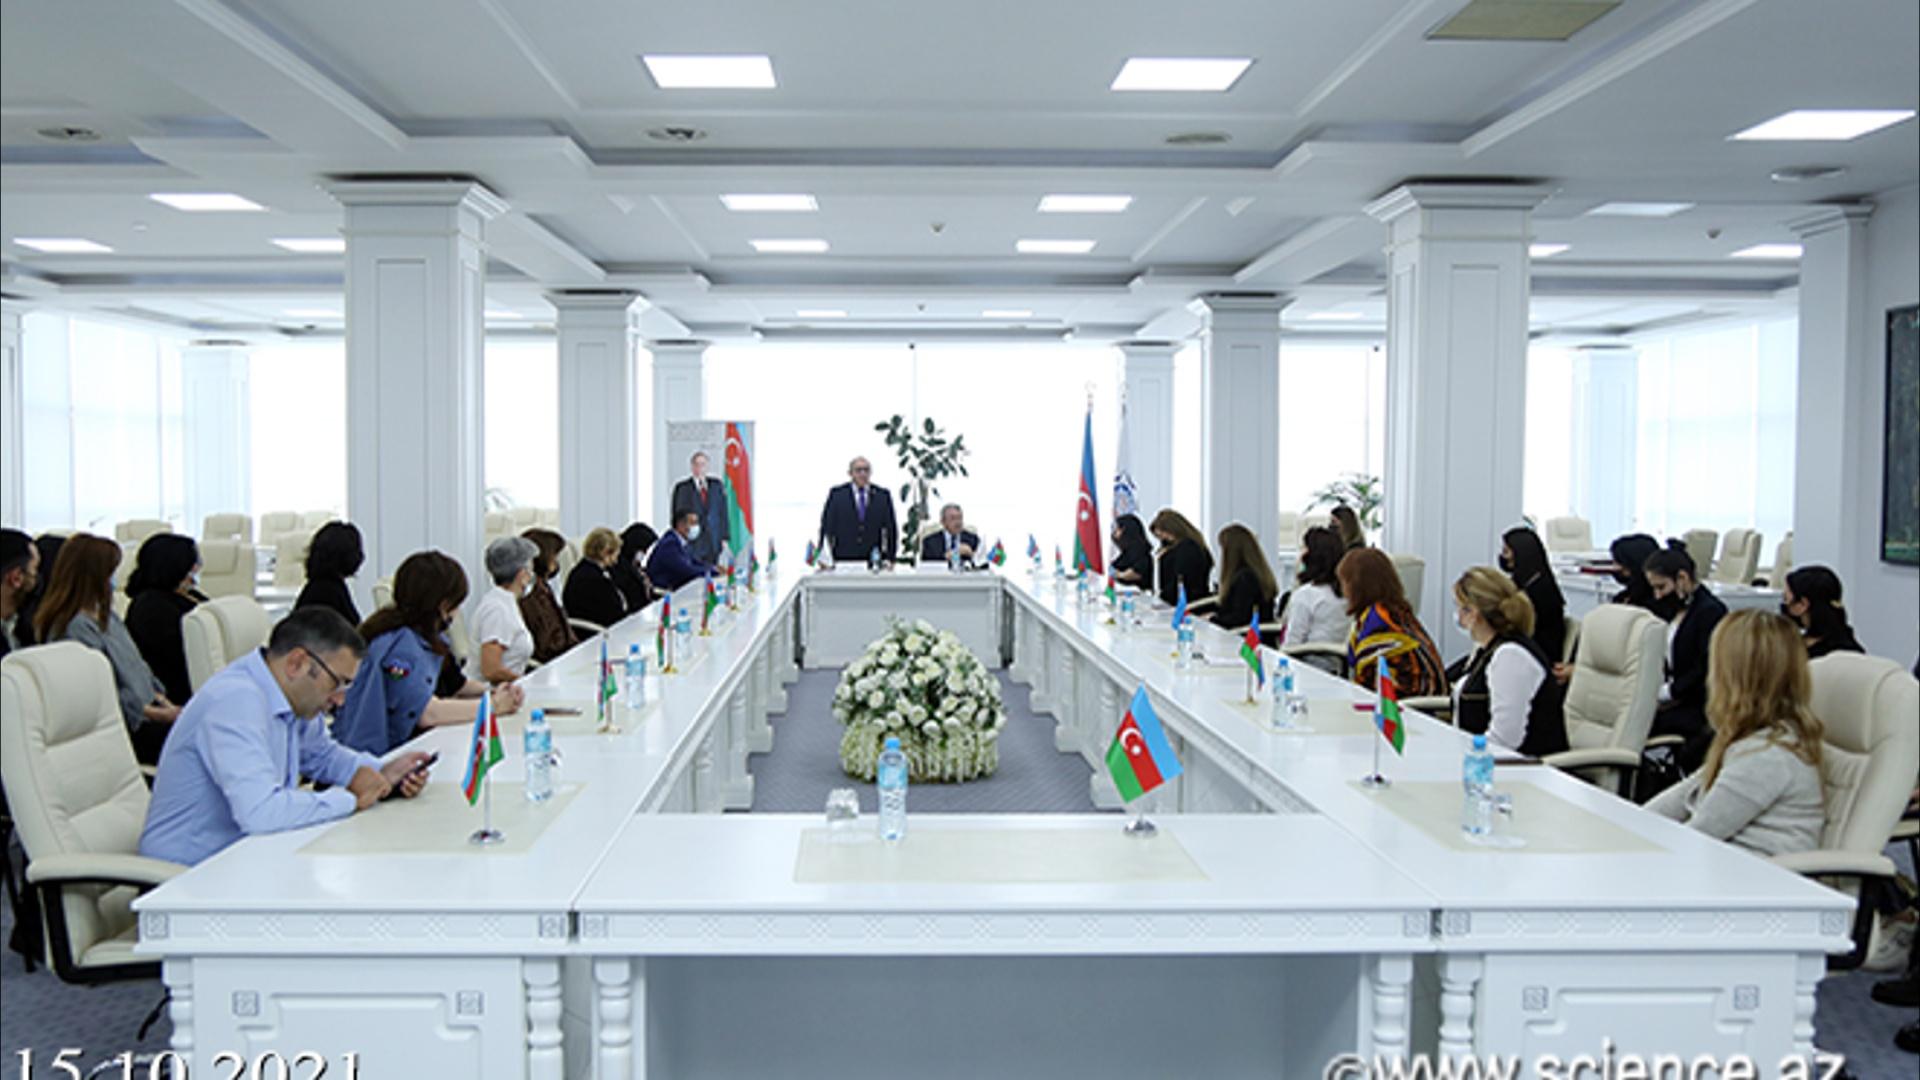 """Azərbaycan Milli Elmlər Akademiyası Mərkəzi Elmi Kitabxanasında """"Heydər Əliyev və Azərbaycan təhsili"""" mövzusunda lektoriya keçirilib"""